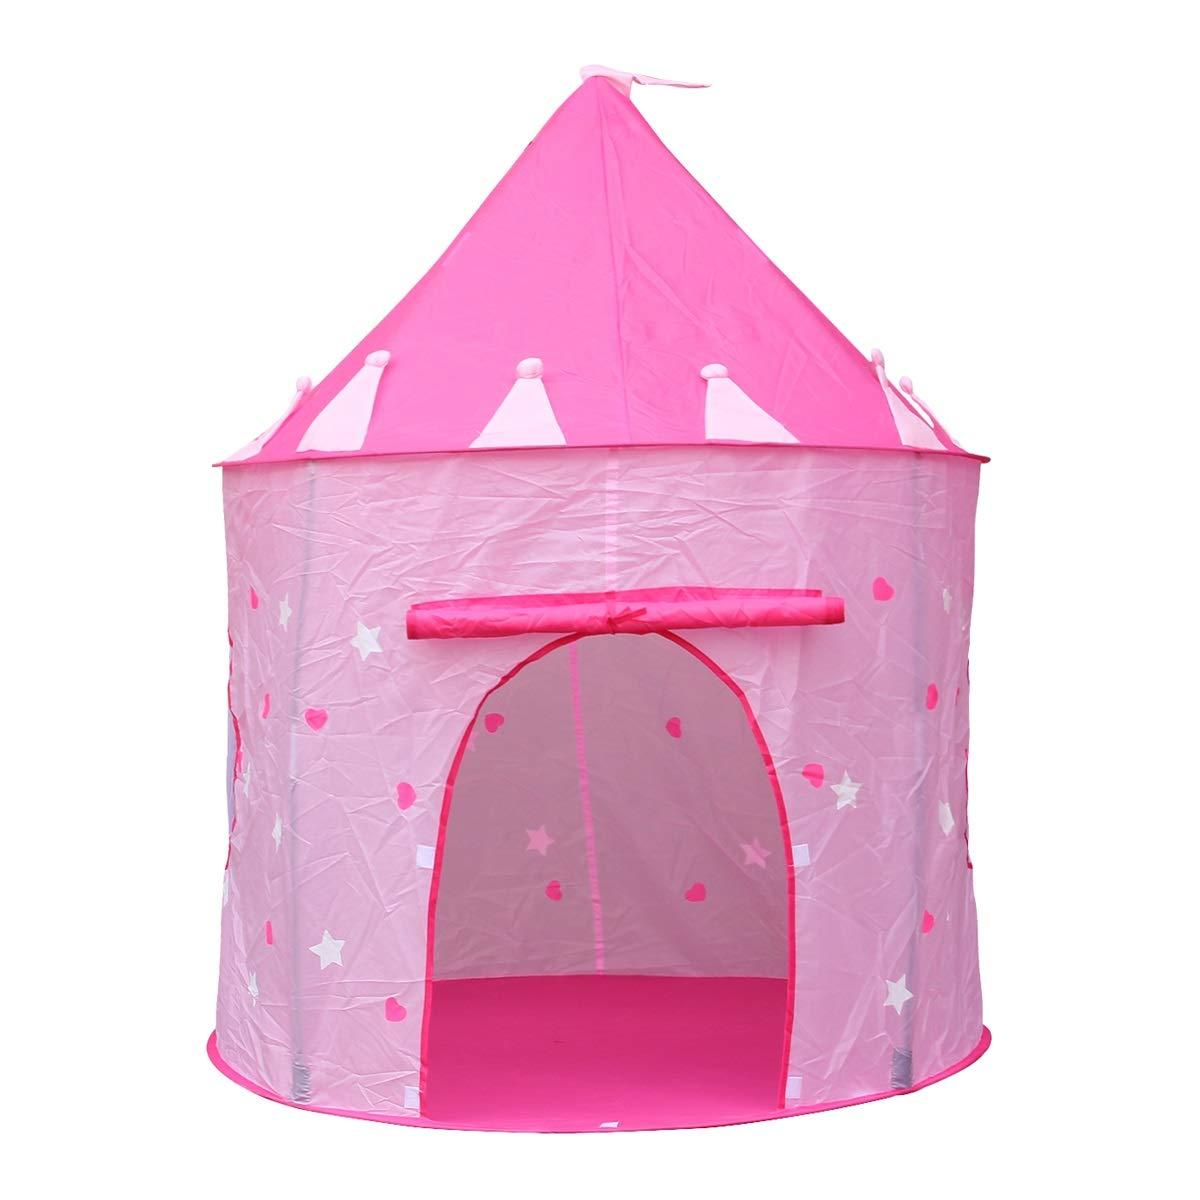 Jueven ピンクプレイテントプリンセスキャッスル、ポップアップピンクテント/家庭用おもちゃ屋内&屋外用 B07G71W4Q8